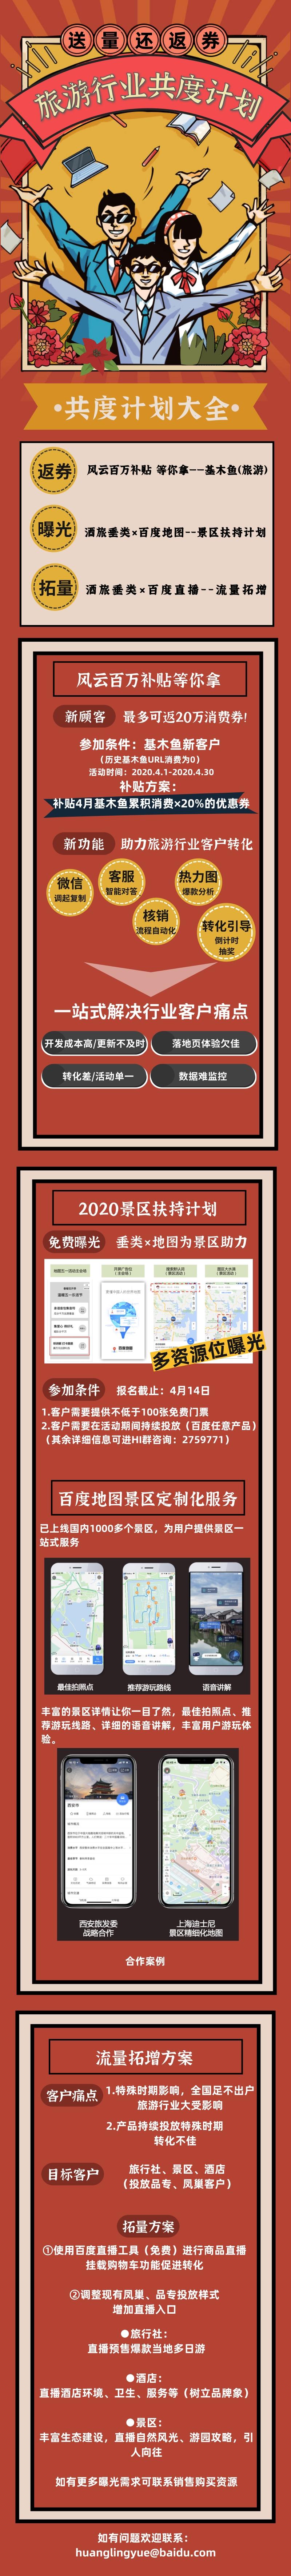 旅游行业共度计划.jpg